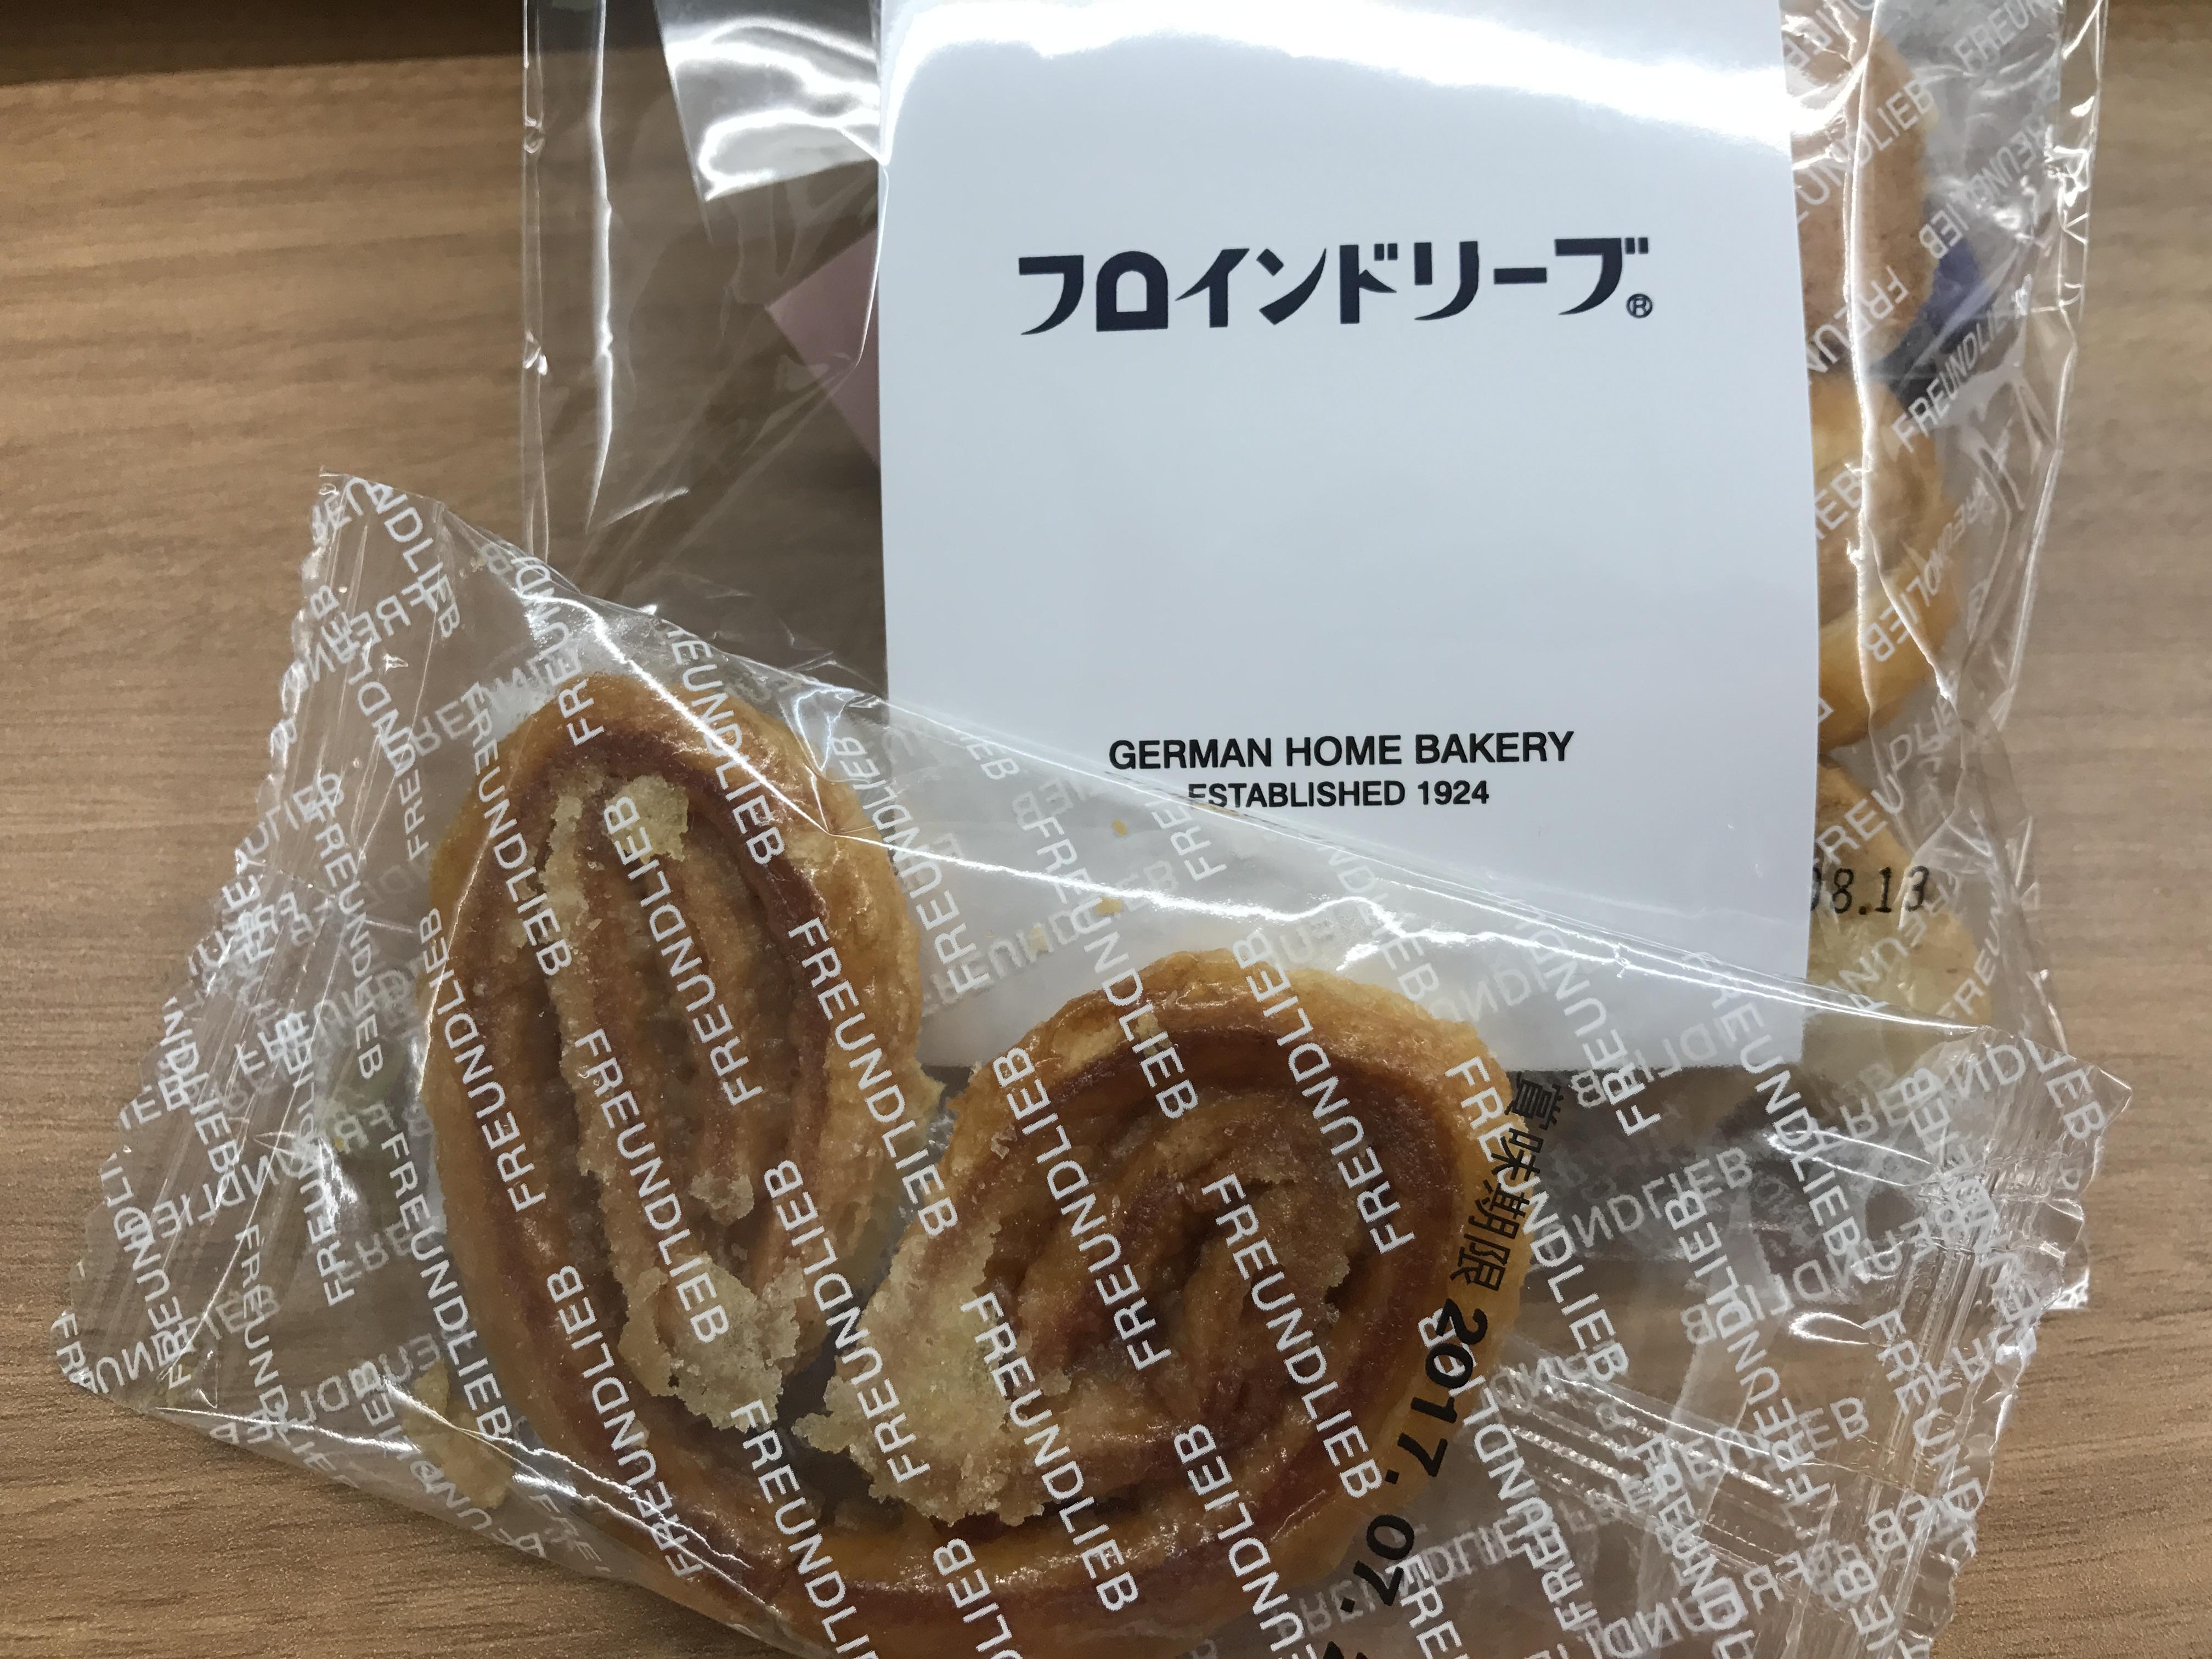 神戸フロインドリーブ